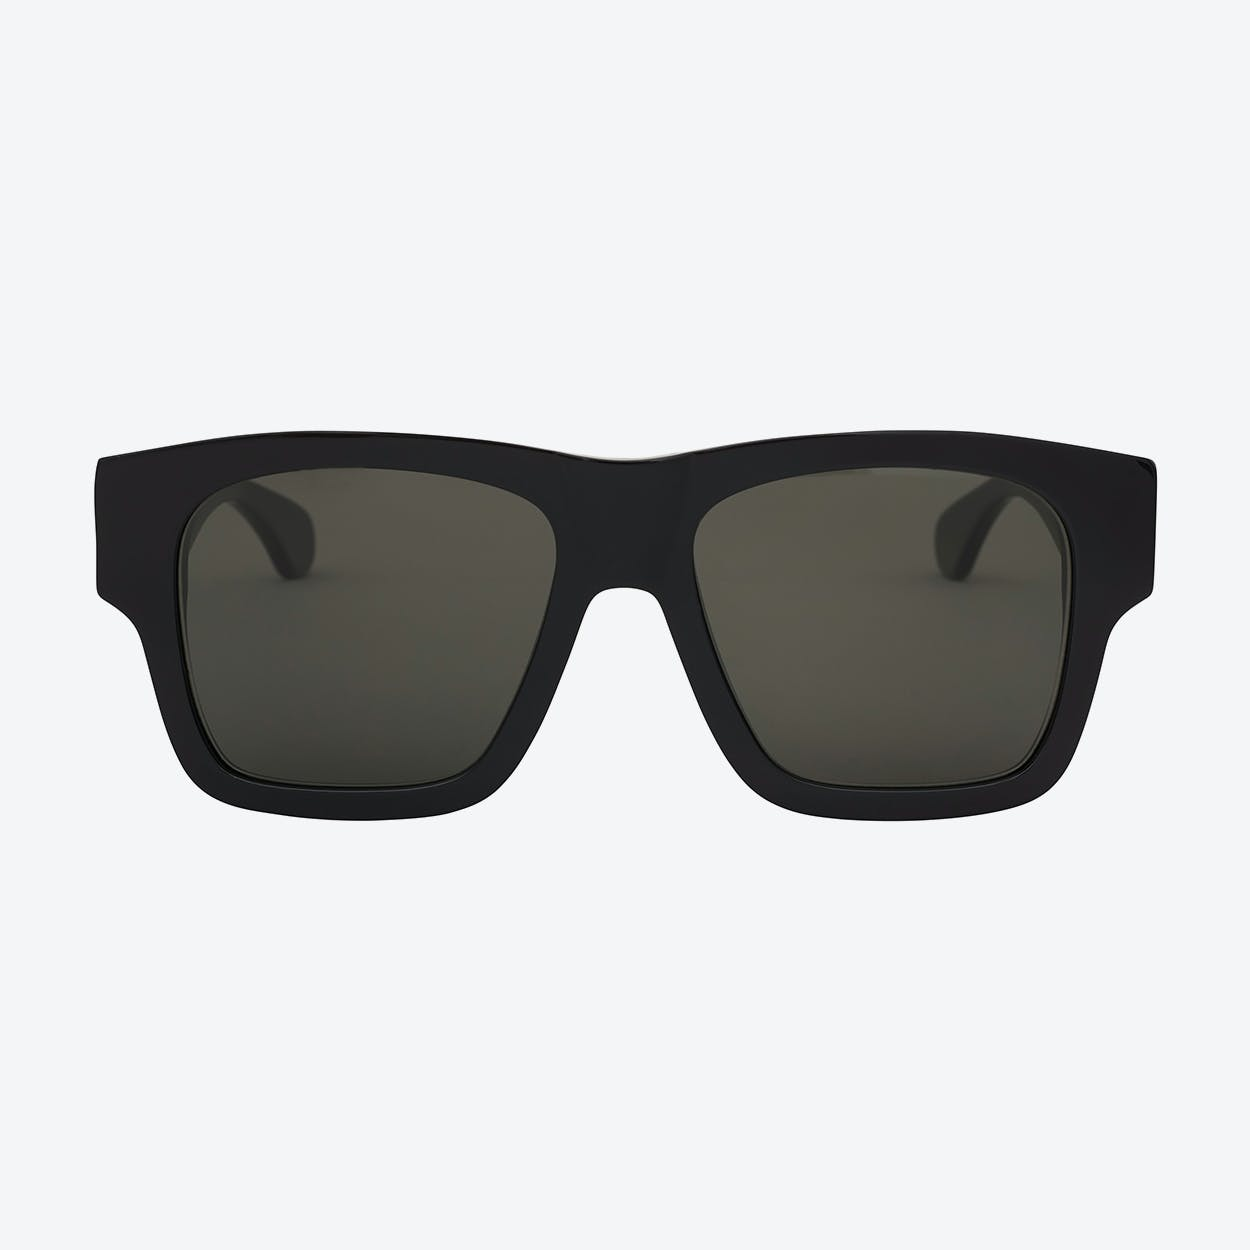 Jeroen Sunglasses in Black